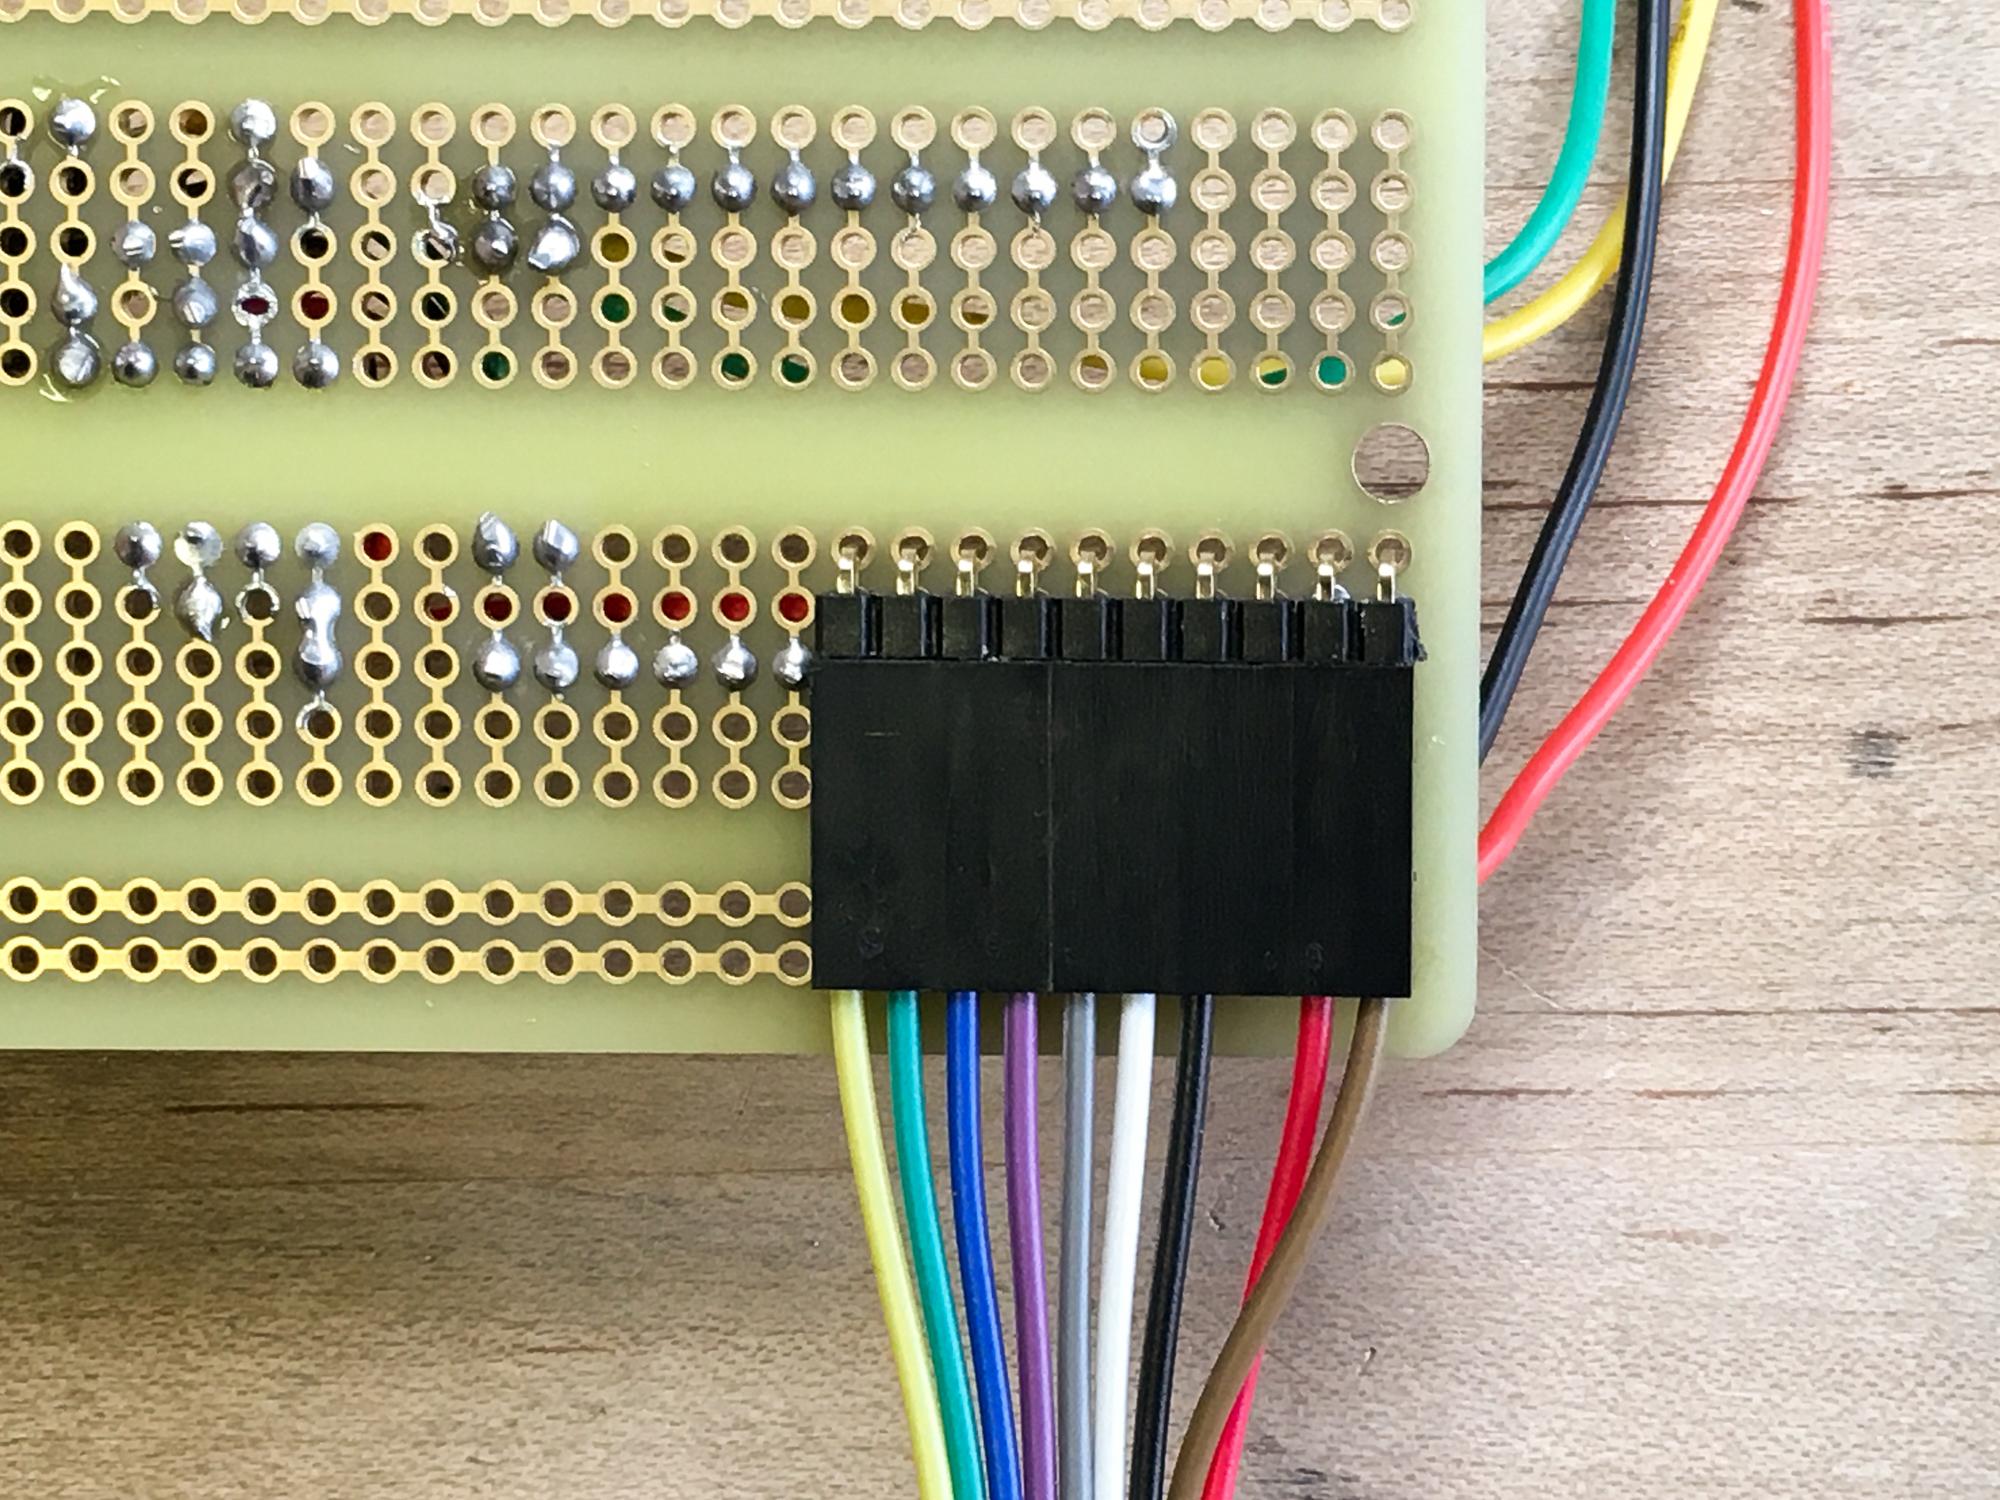 microcontrollers_IMG_1952_2k.jpg